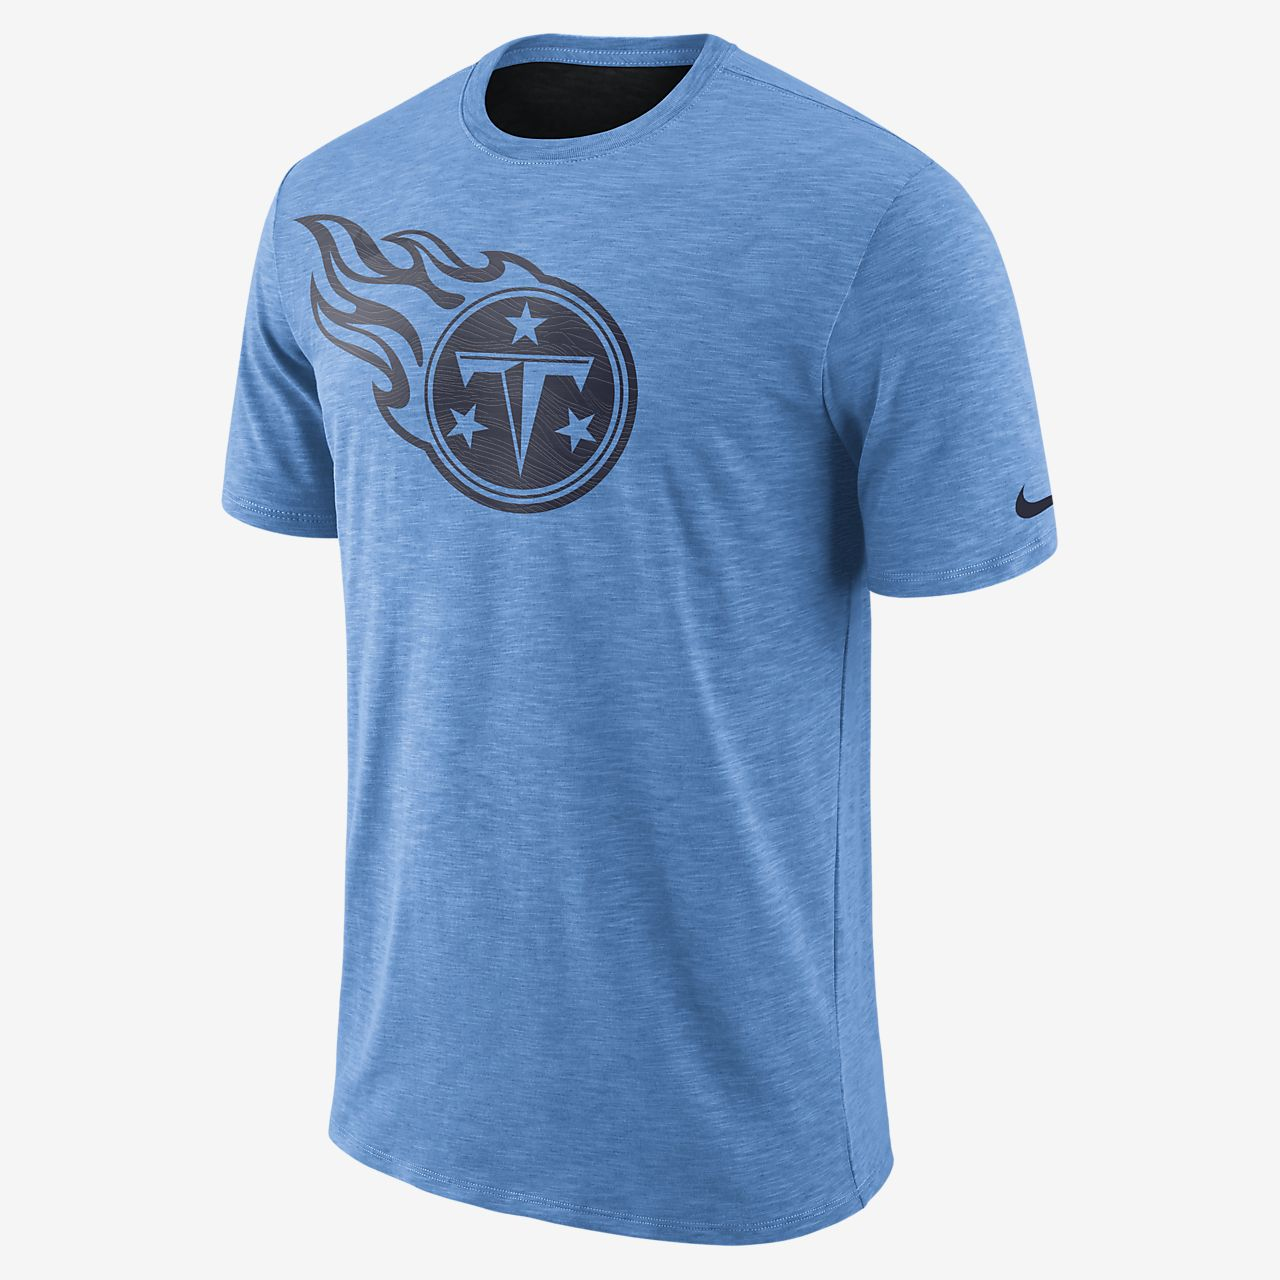 Nike Dri FIT Legend On Field (NFL Titans) Men's T Shirt